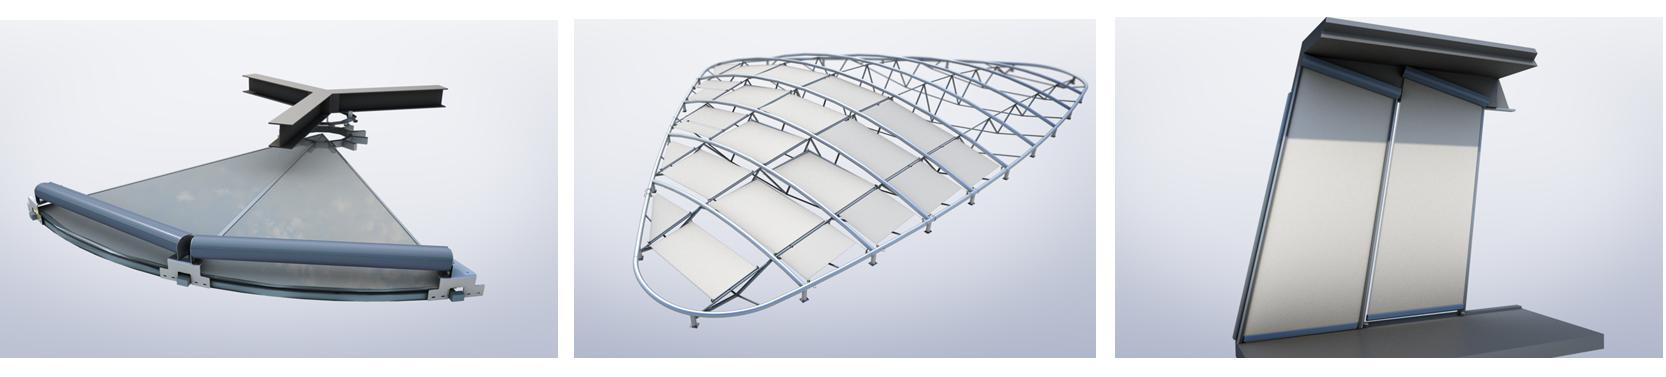 3D renders of bespoke blinds